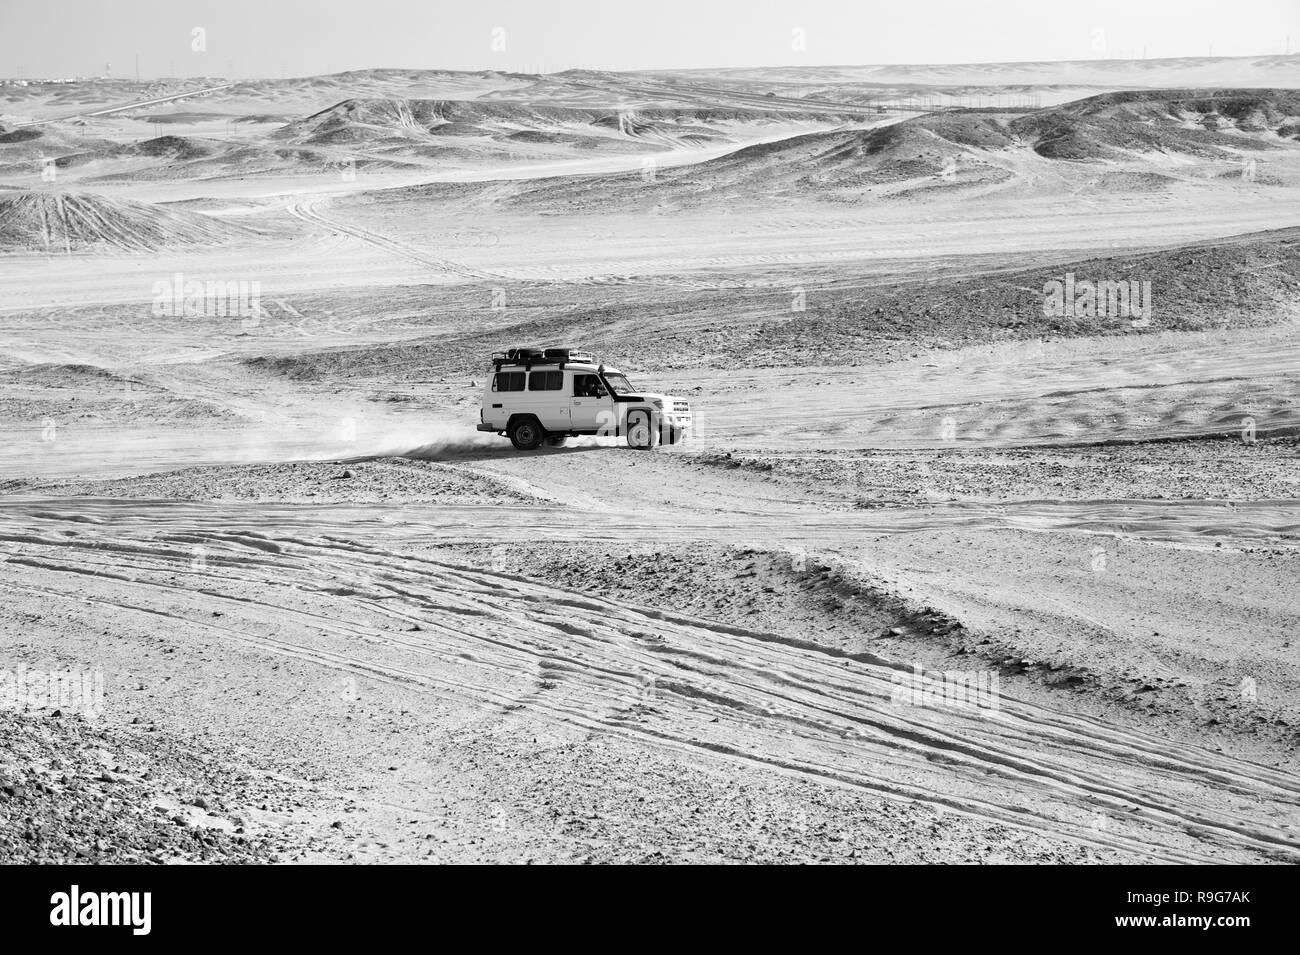 Gara di deserto di sabbia. Auto suv supera le dune di sabbia di ostacoli. Concorrenza racing sfida deserto. Unità auto offroad con nuvole di polvere. Offroad racing del veicolo con degli ostacoli nel deserto. Immagini Stock